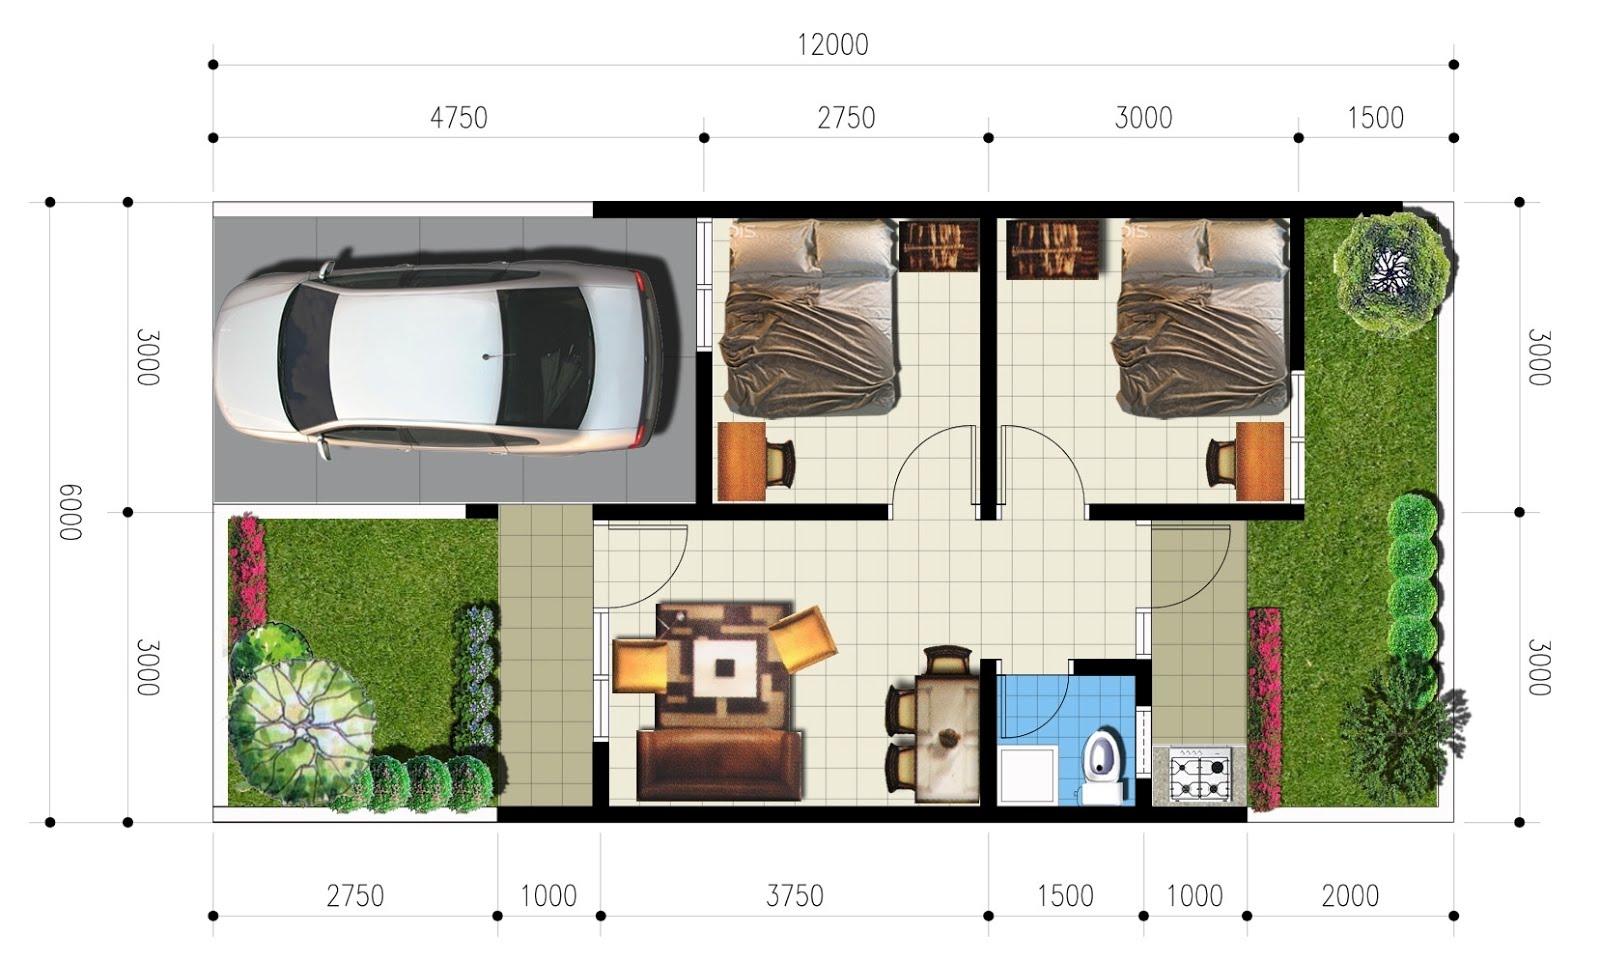 Desain Rumah 2016 Rumah Minimalis Type 21 Images